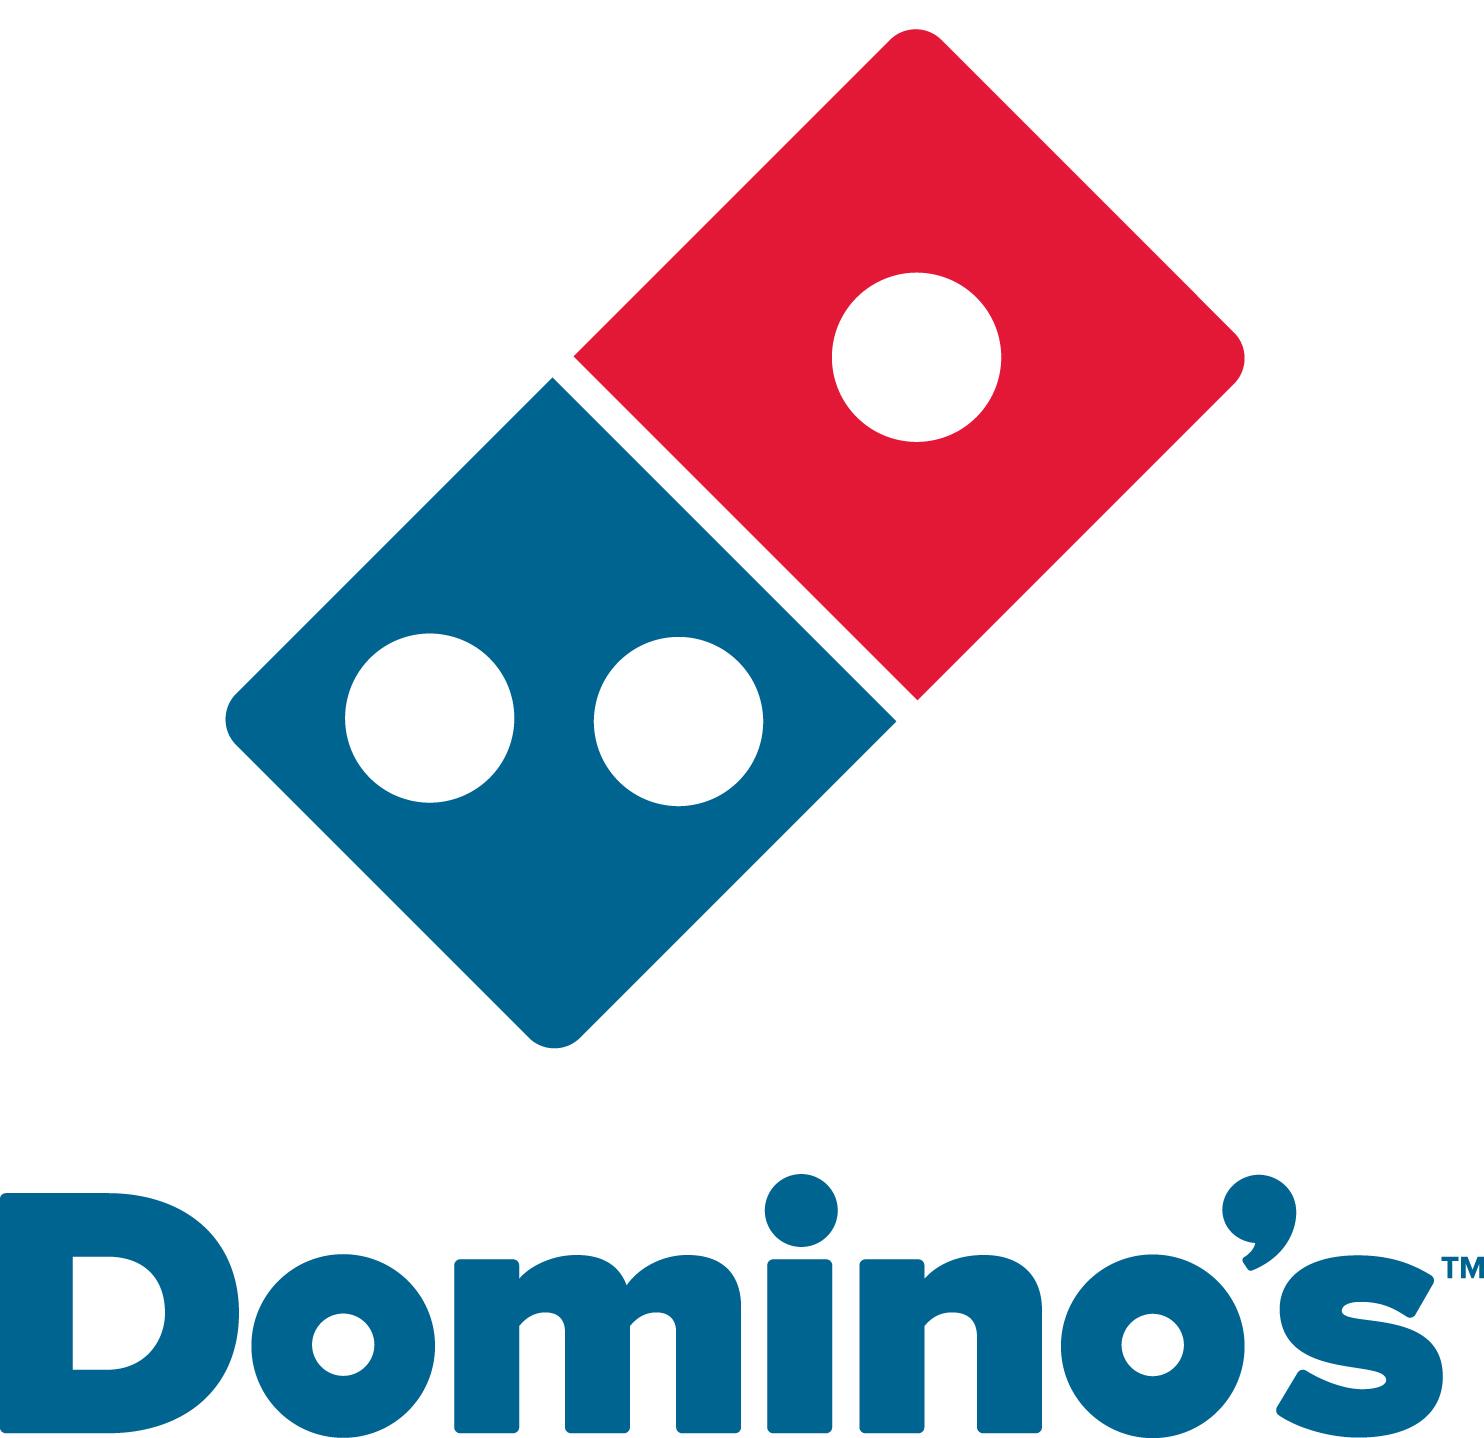 dominos_logo.jpg